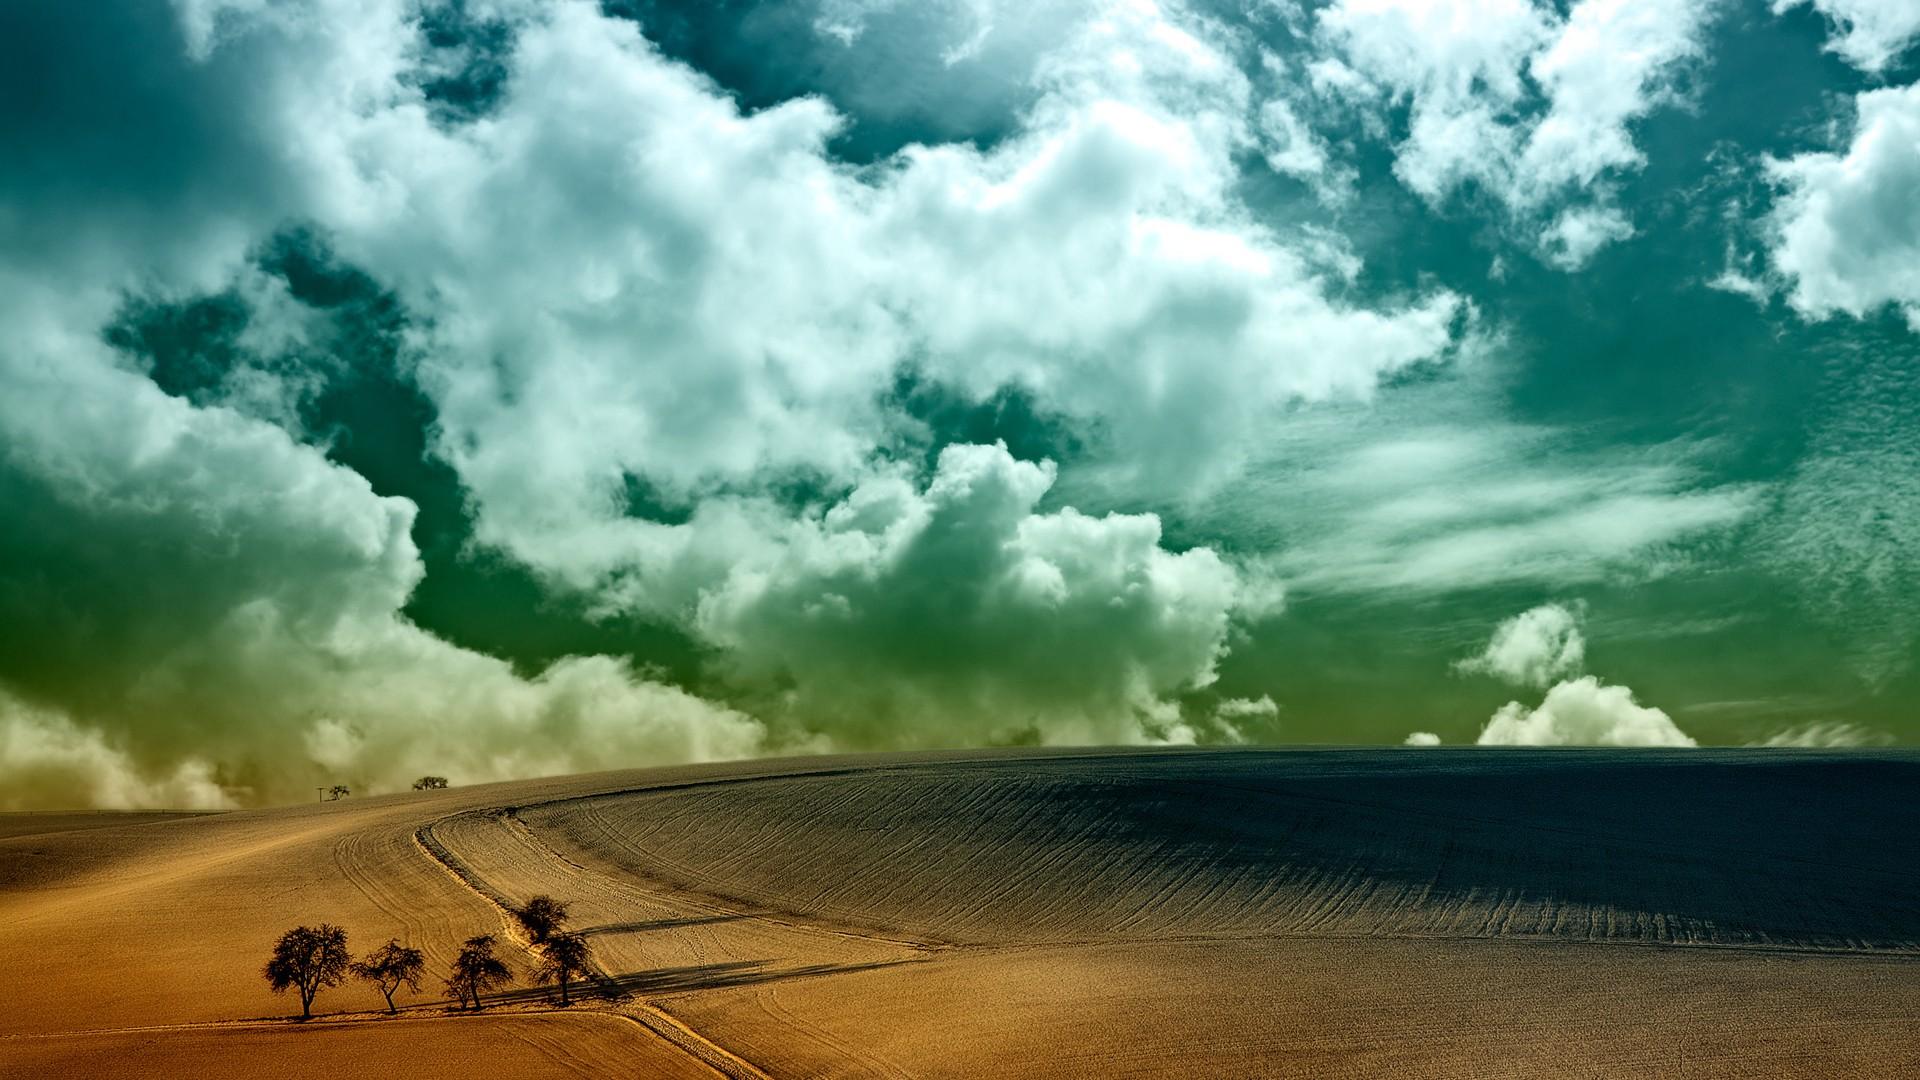 桌面壁纸_高清图片_桌面背景, 蓝天白云唯美风景桌面图片大全1600x900